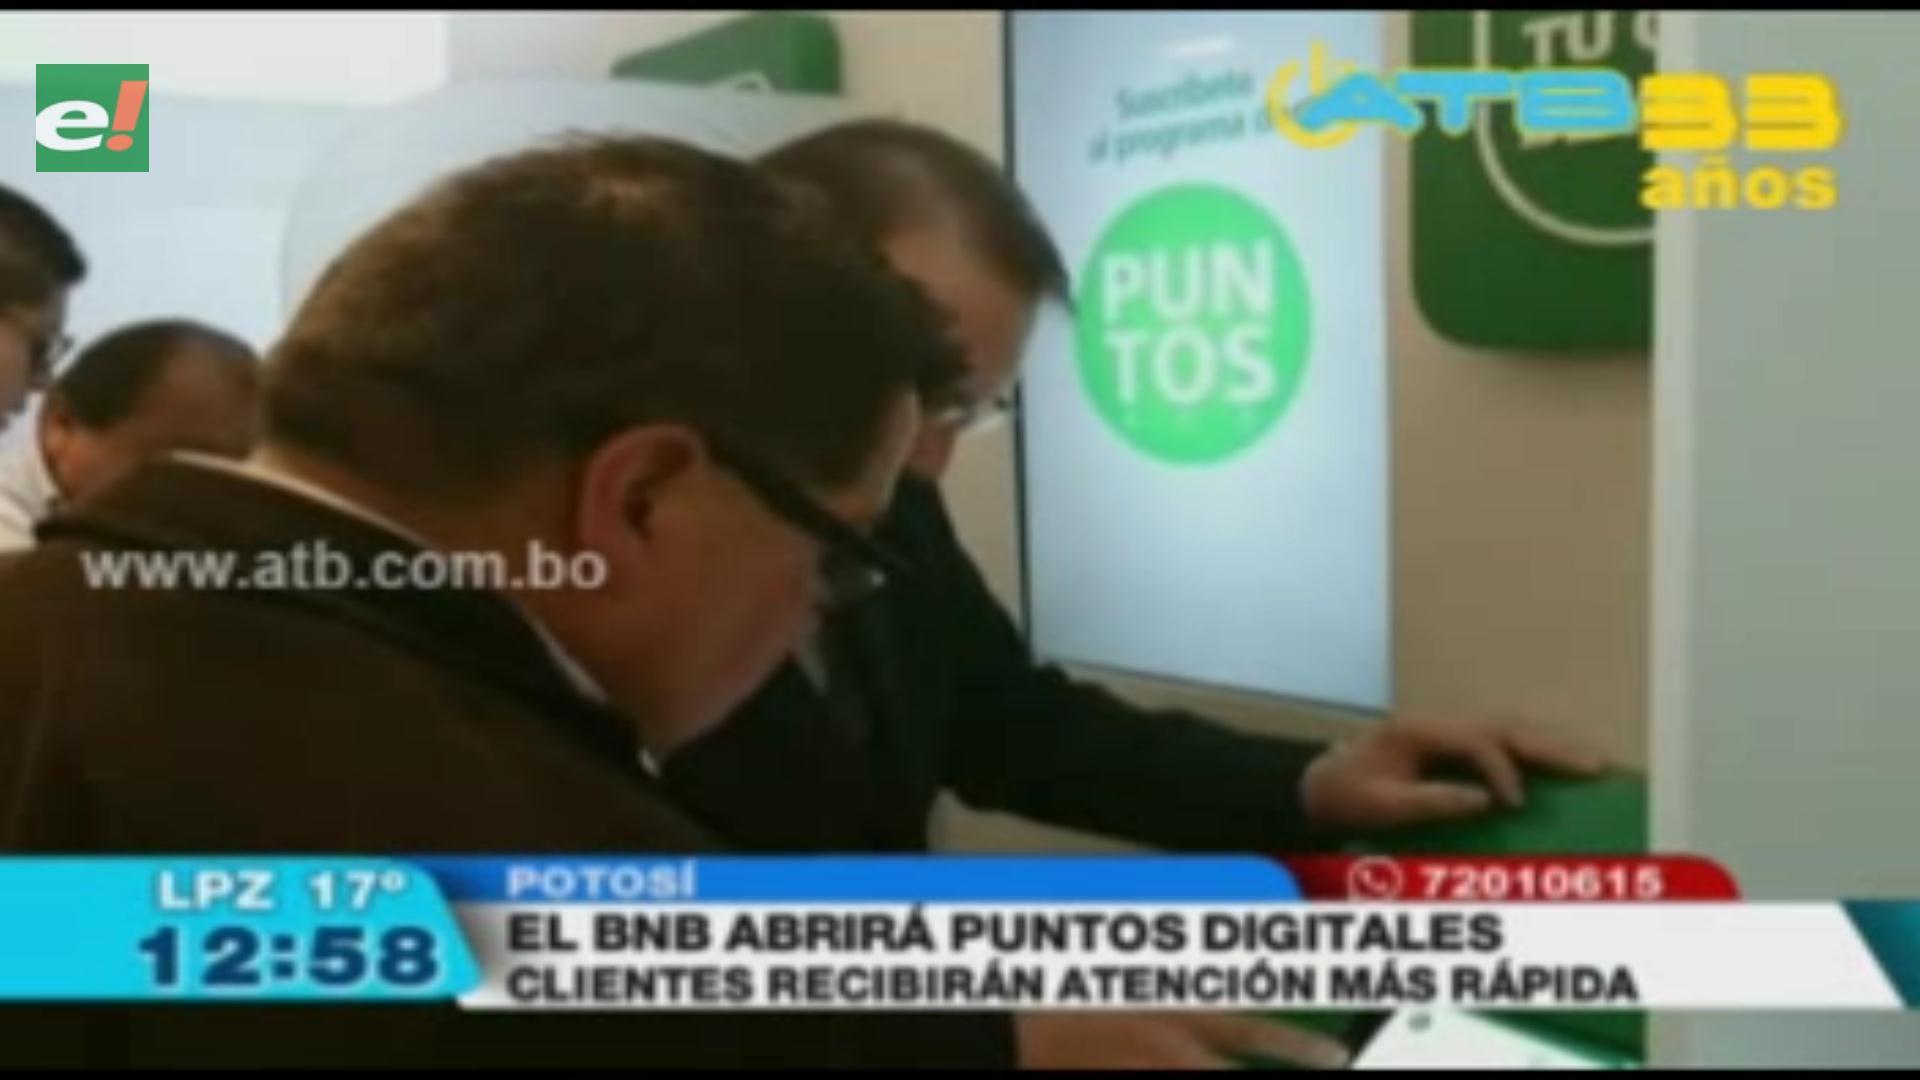 BNB instaló puntos digitales para una mejor atención a clientes en Potosí